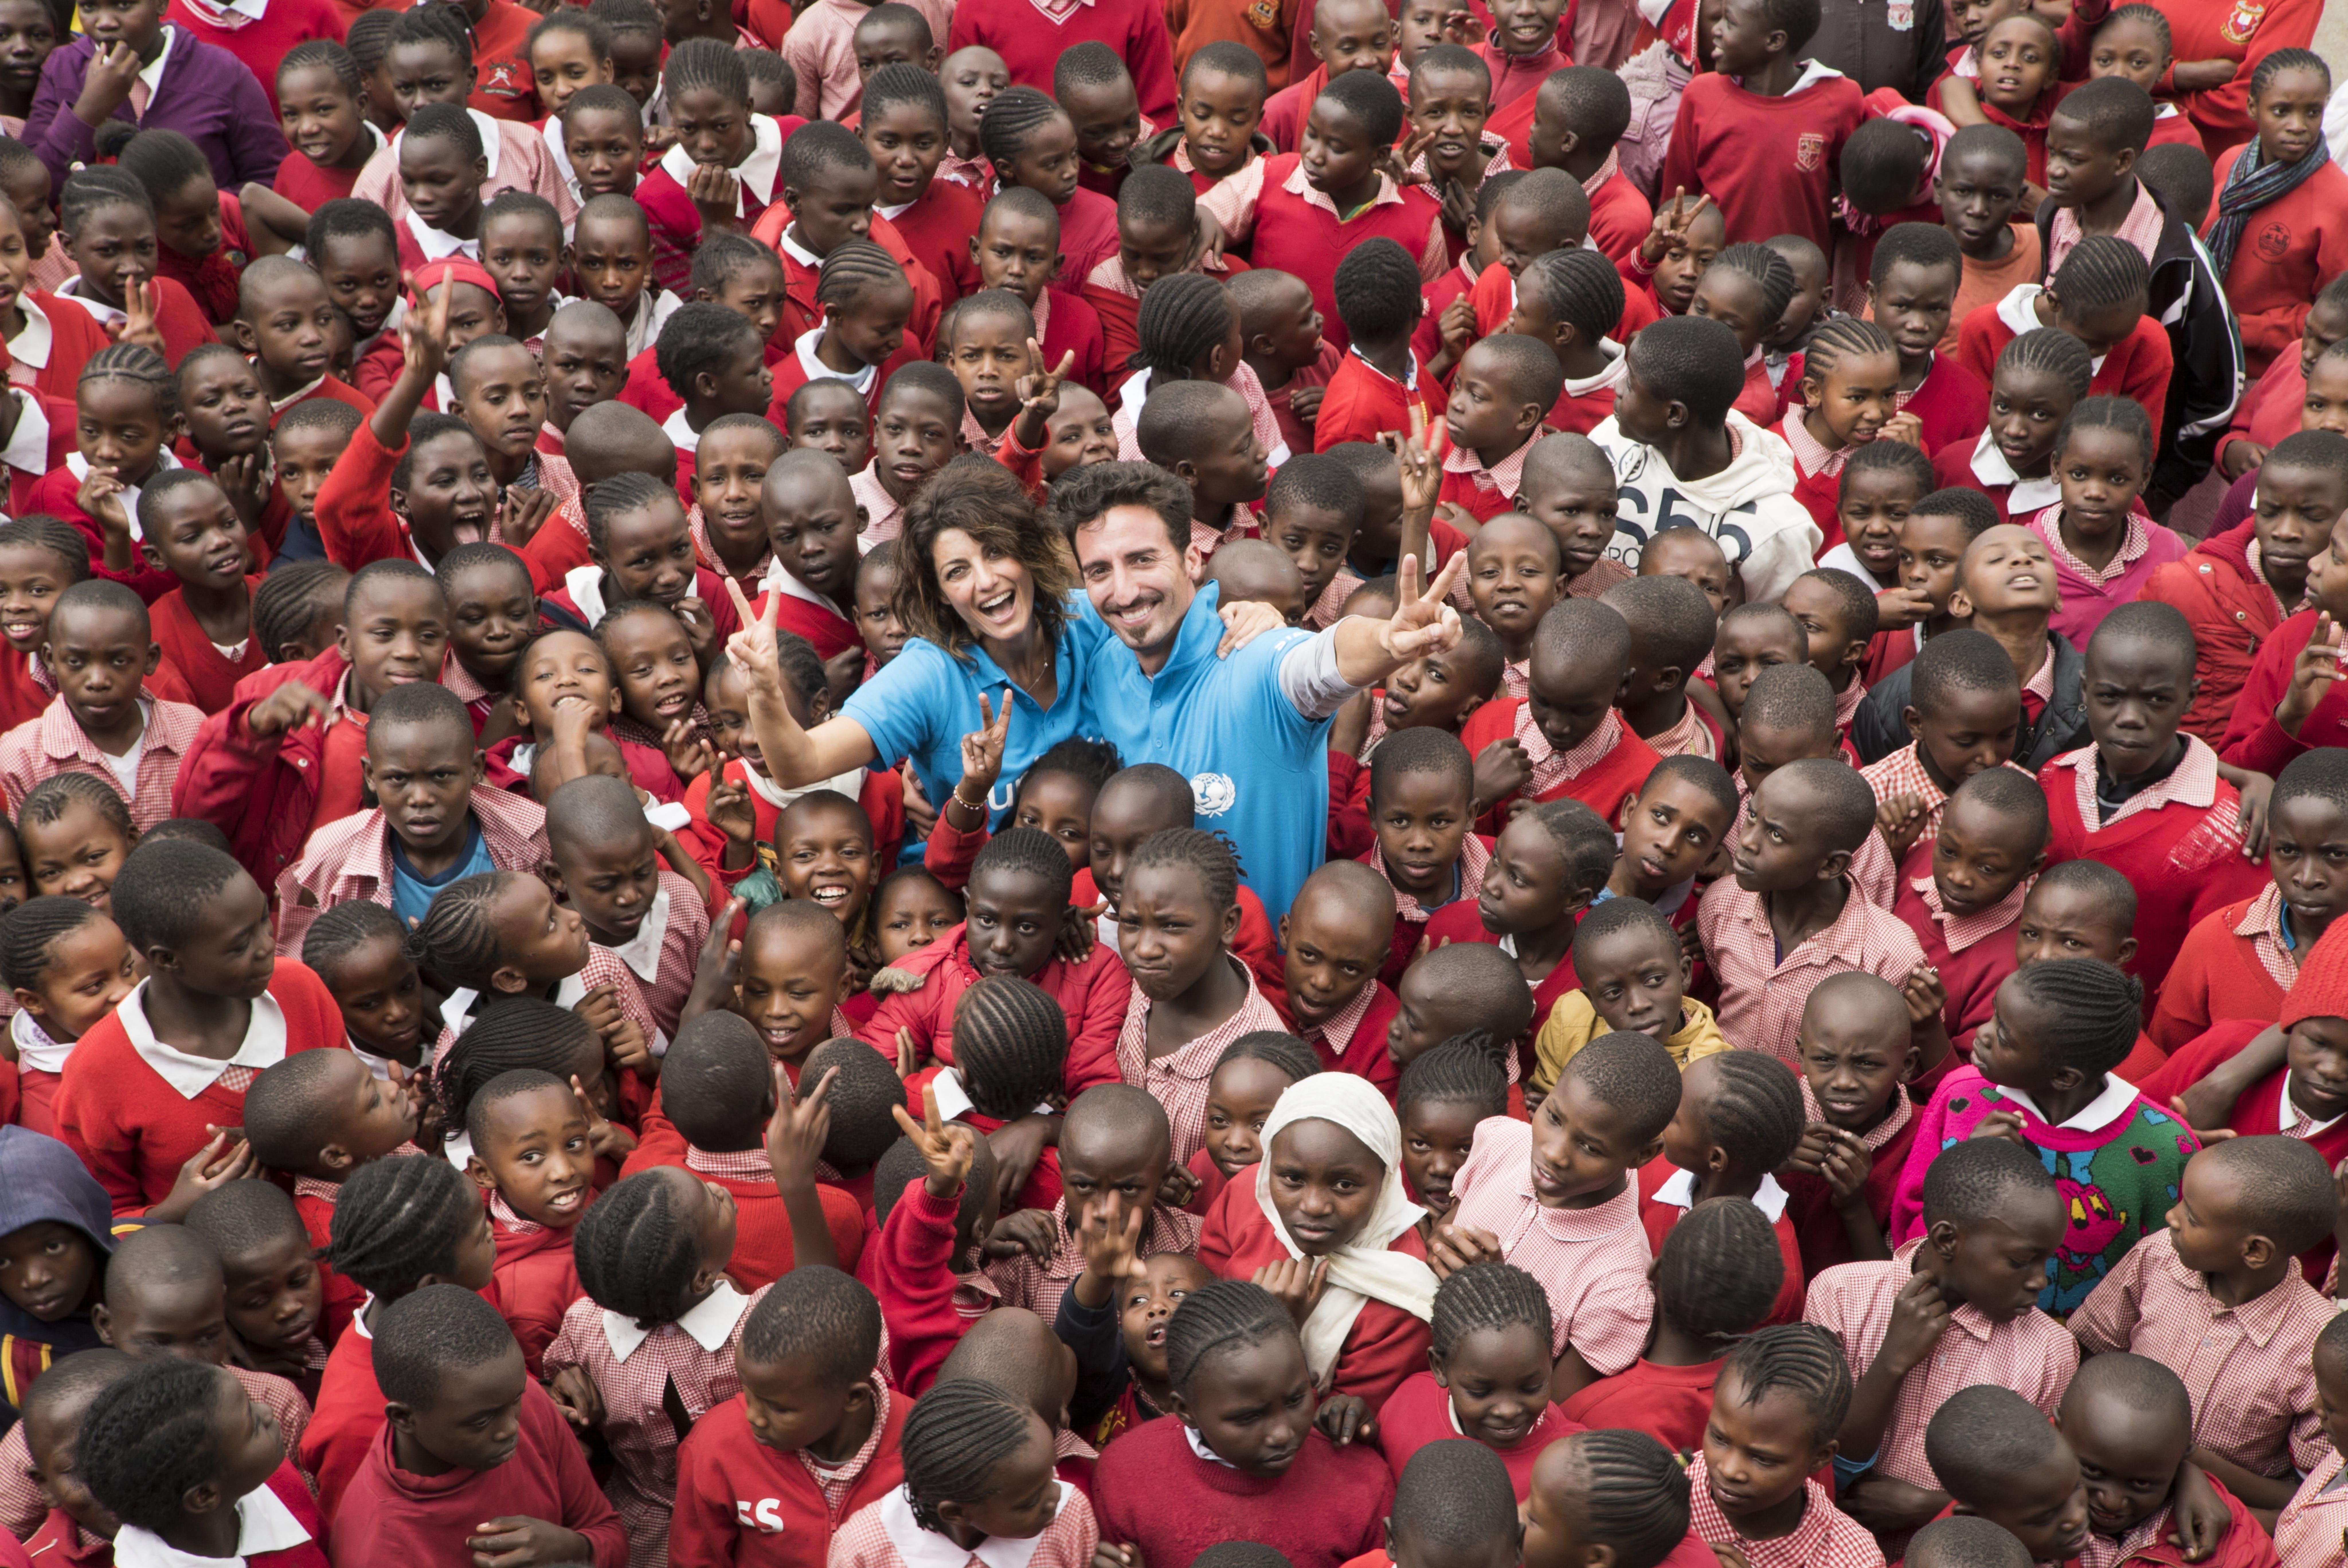 Samanta Togni e Manuel Peron in missione in Kenya con UNICEF